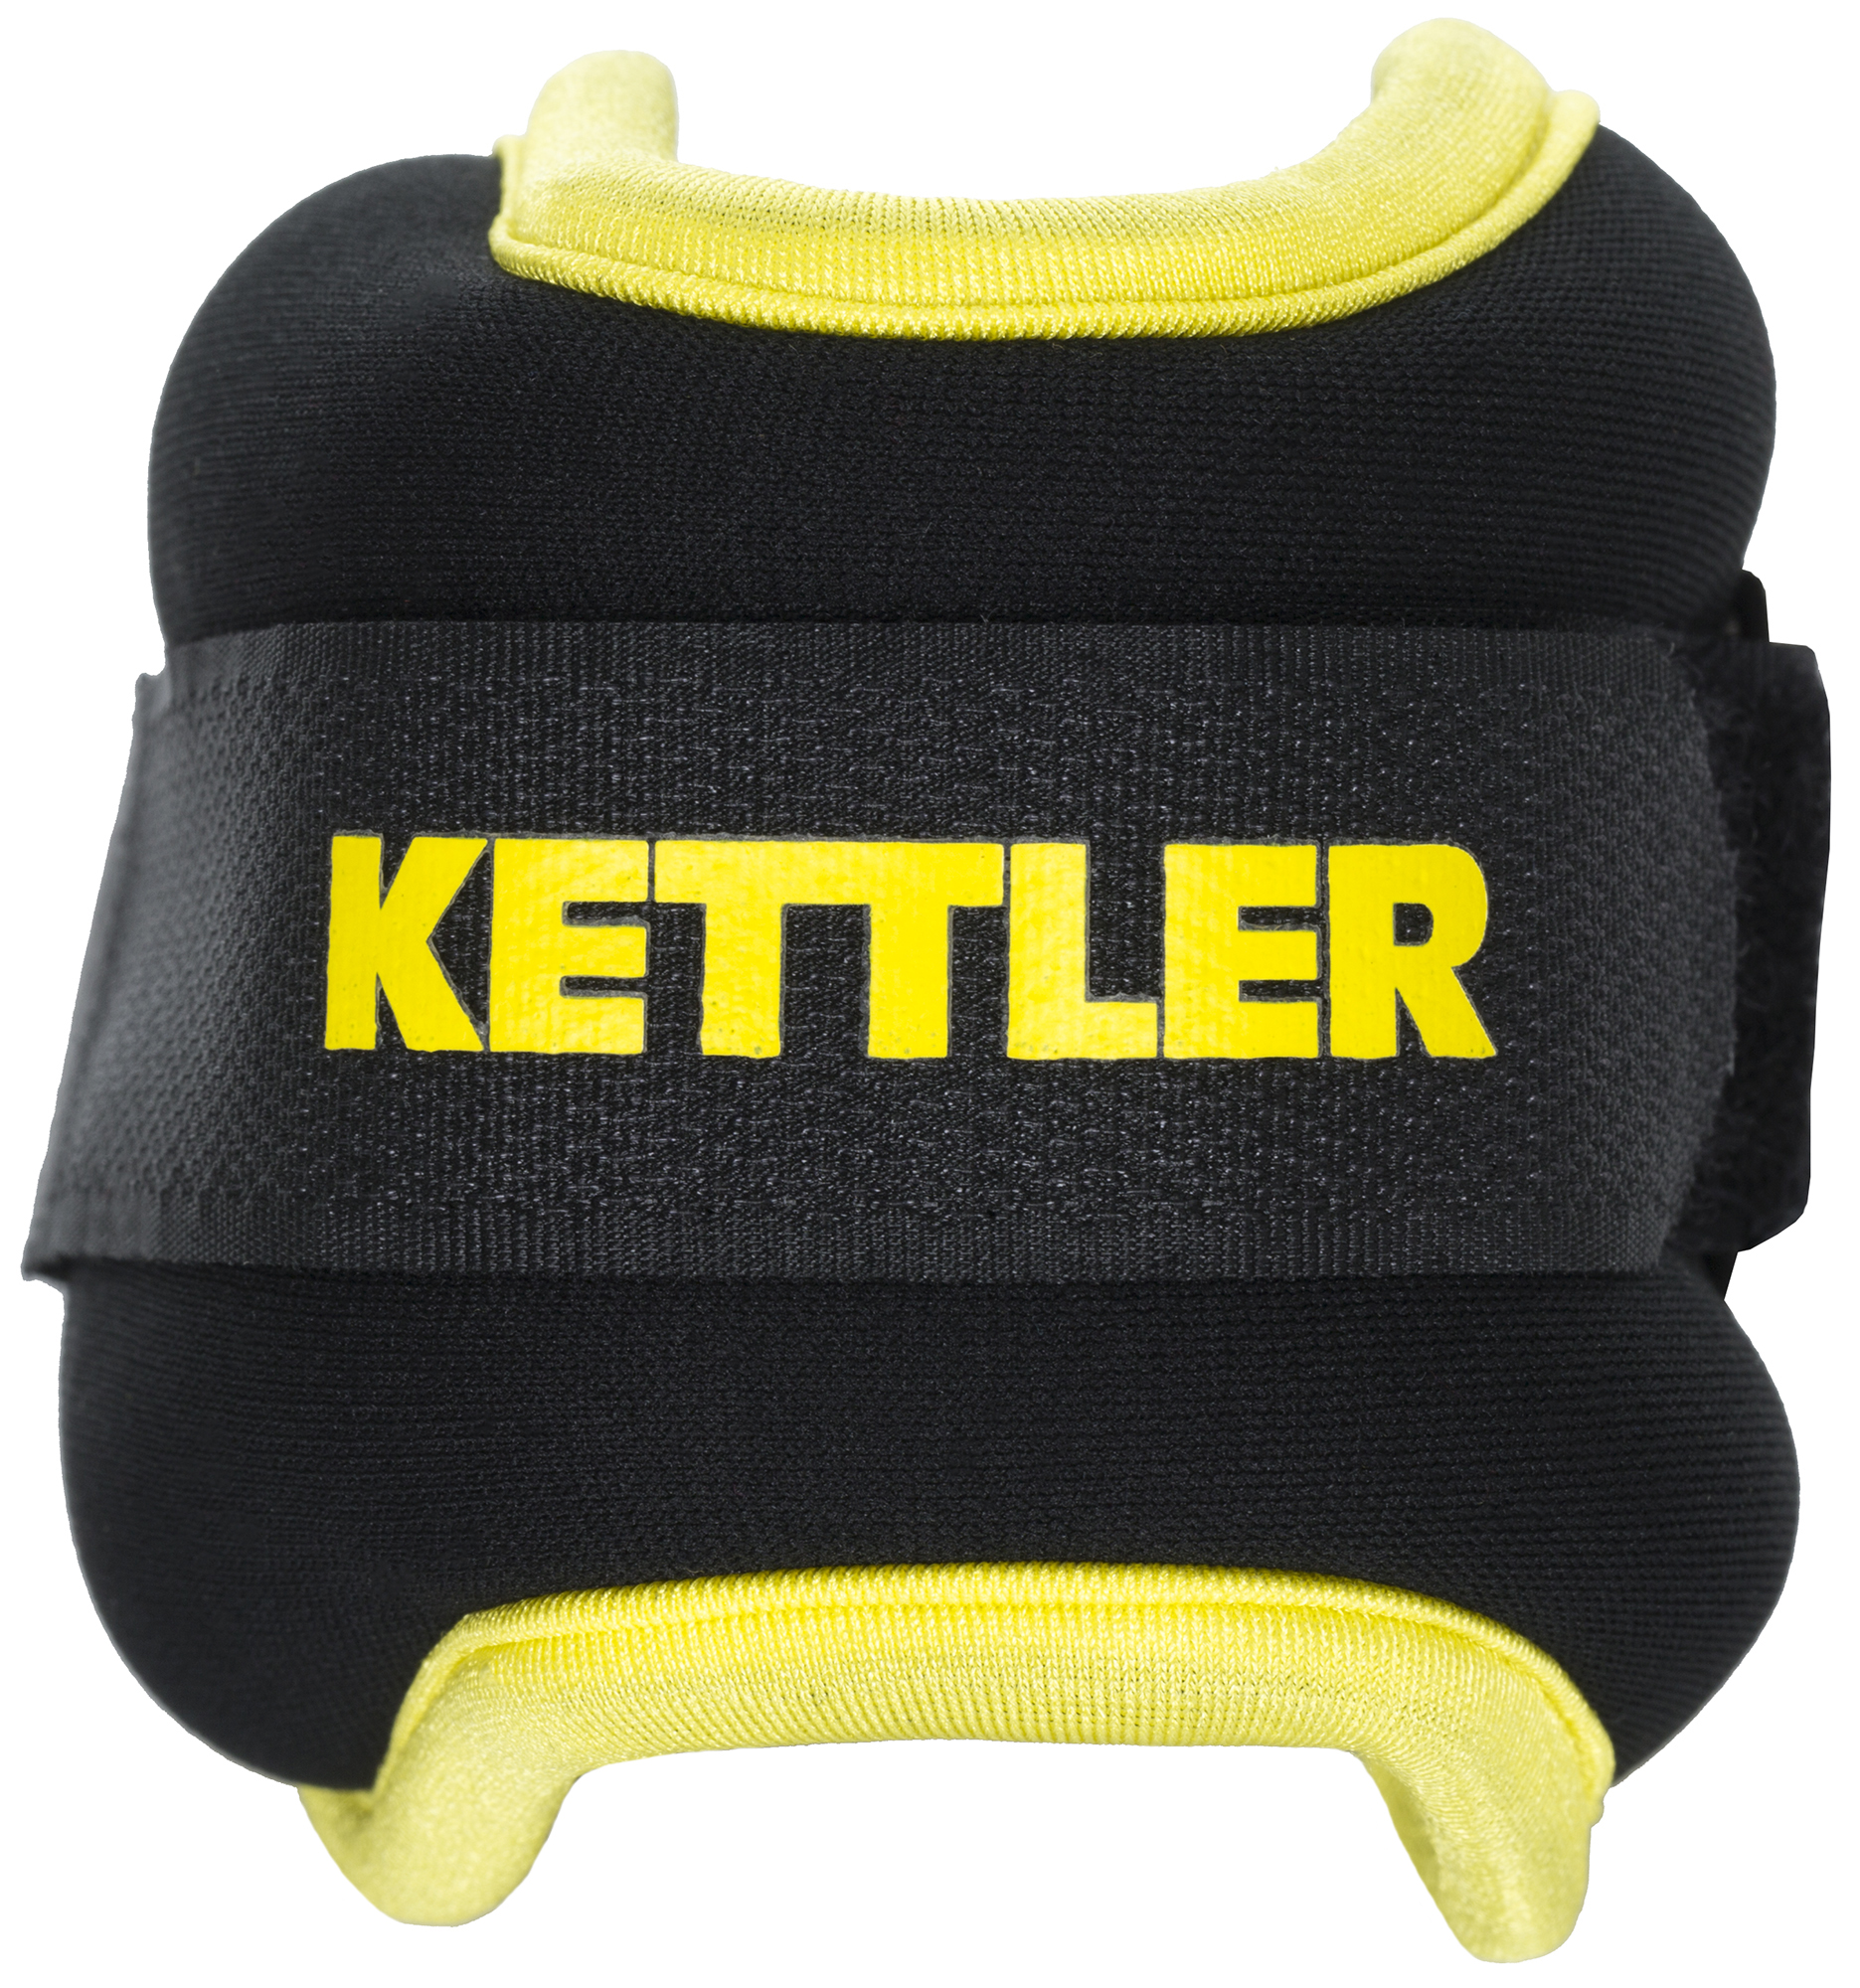 Kettler Утяжелители, 2 х 0,5 кг 7373-250